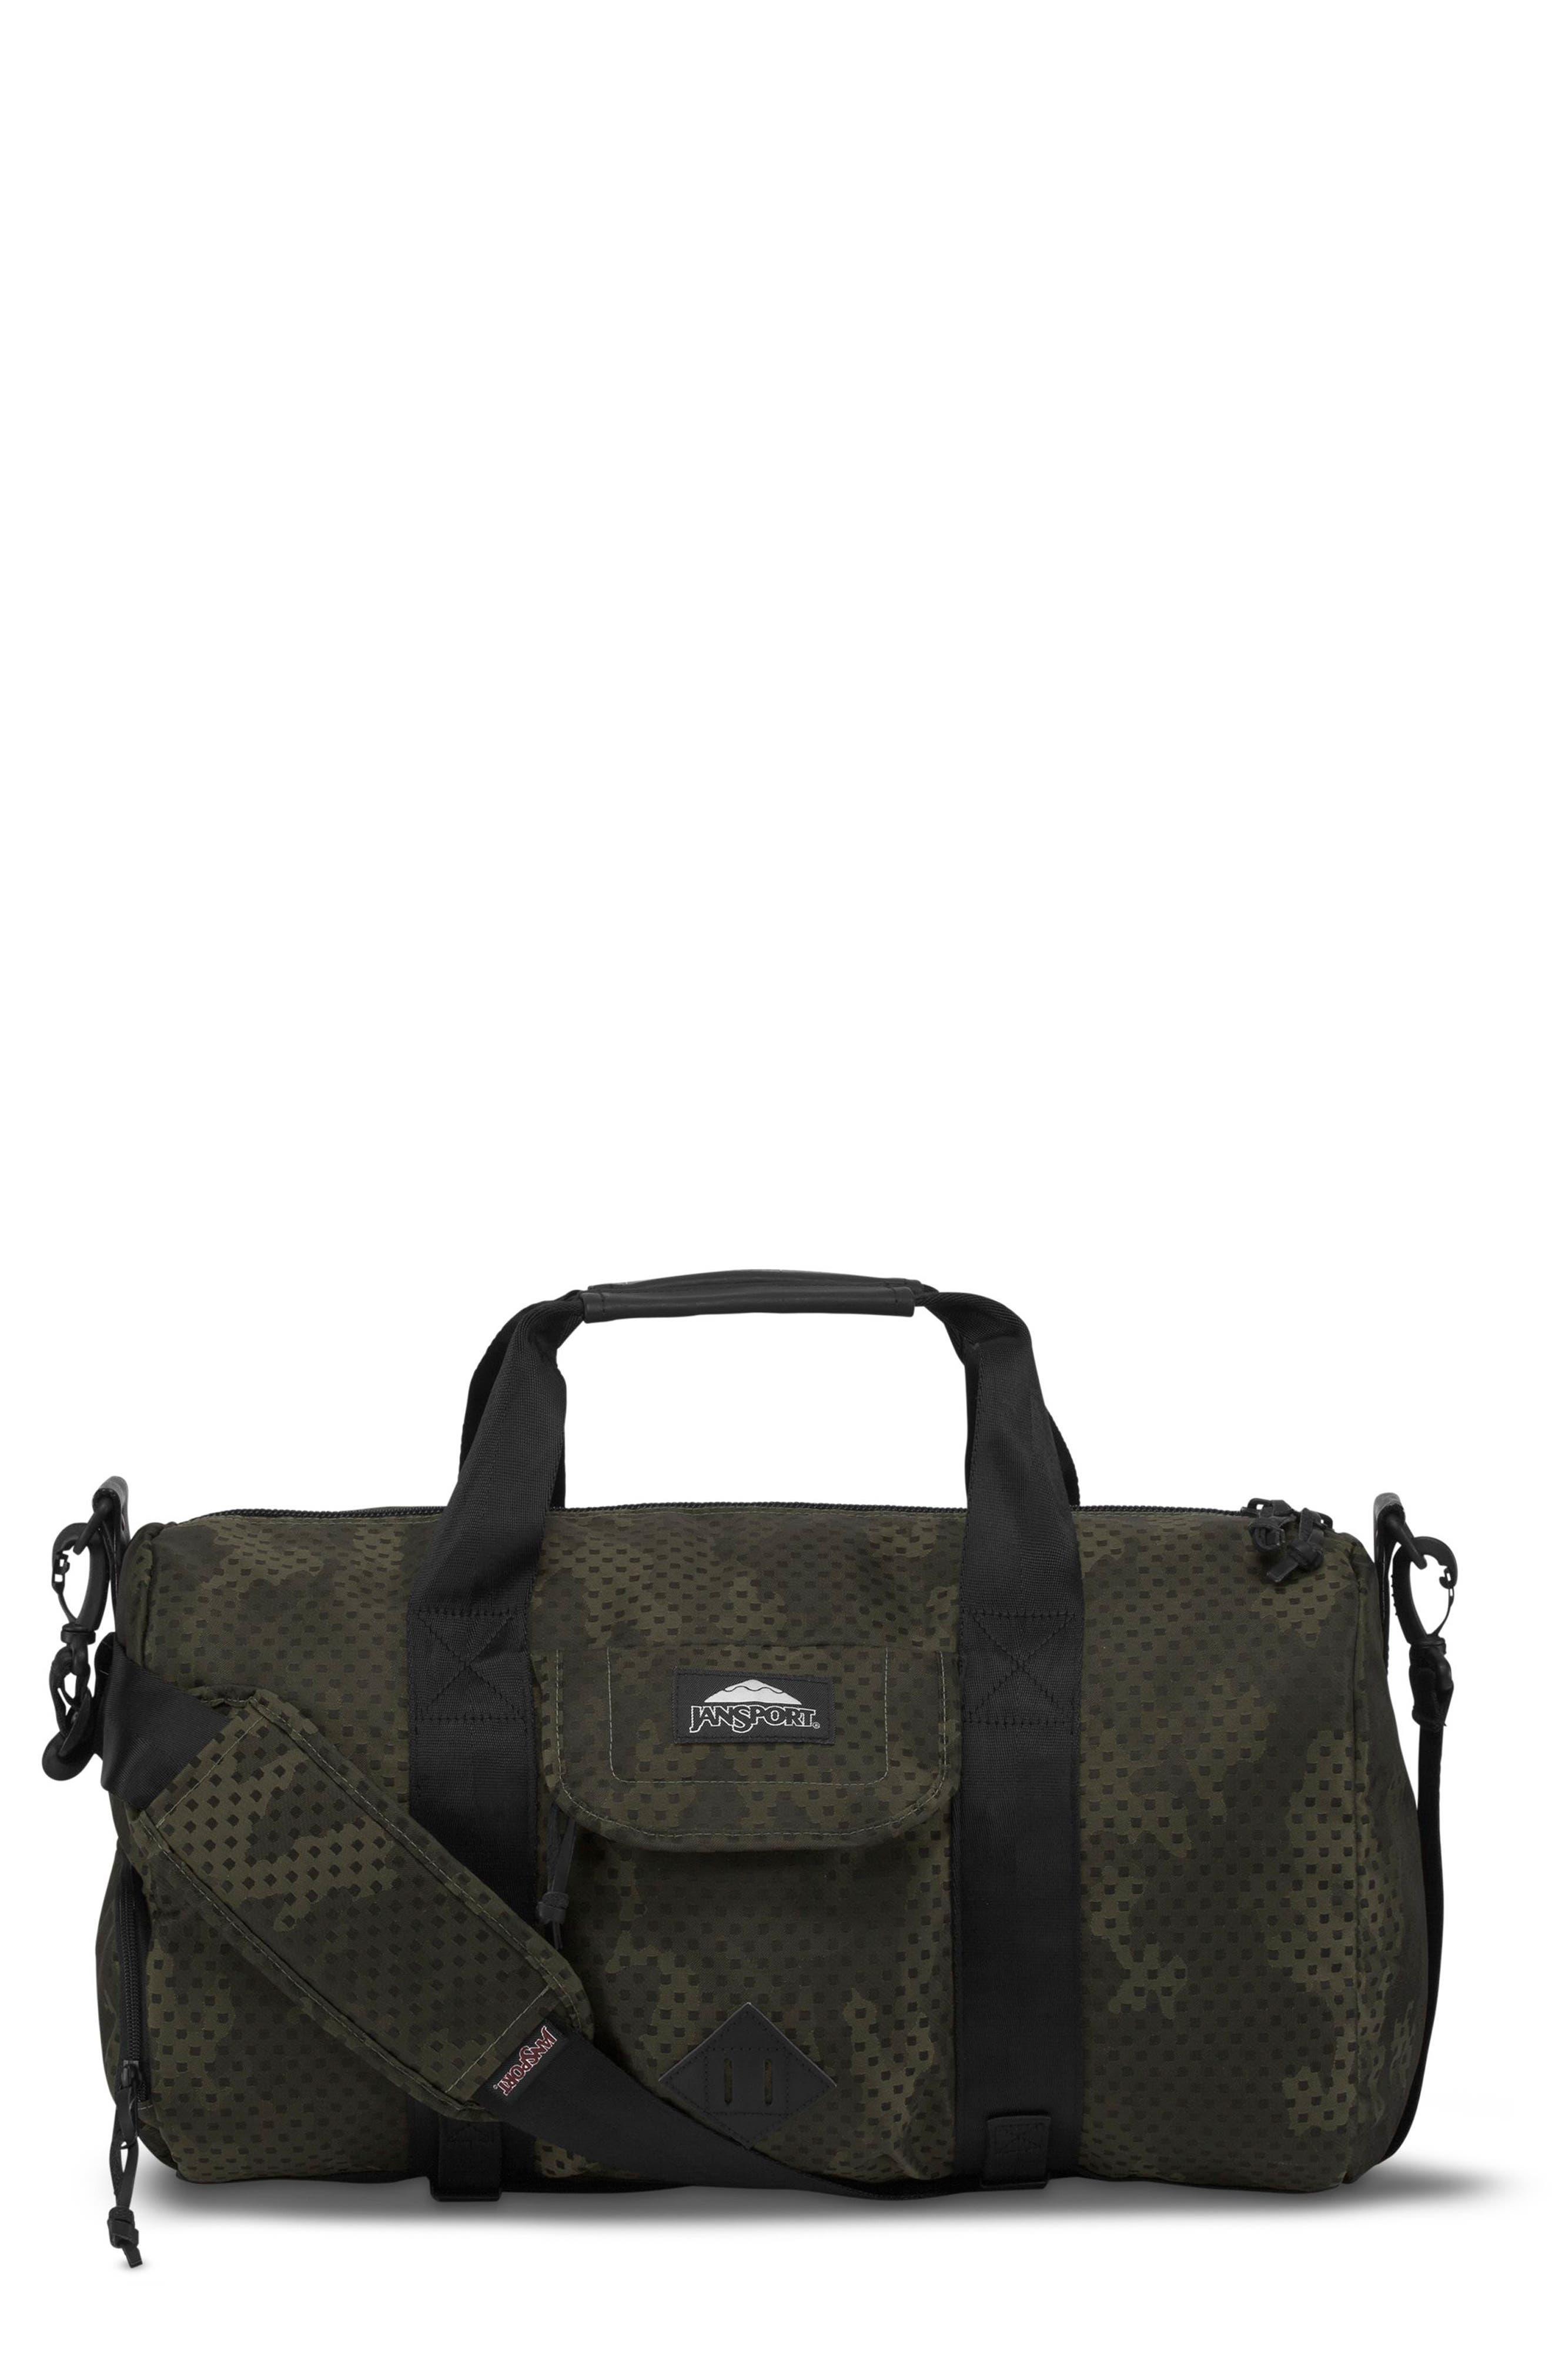 JANSPORT Wayward Duffel Bag